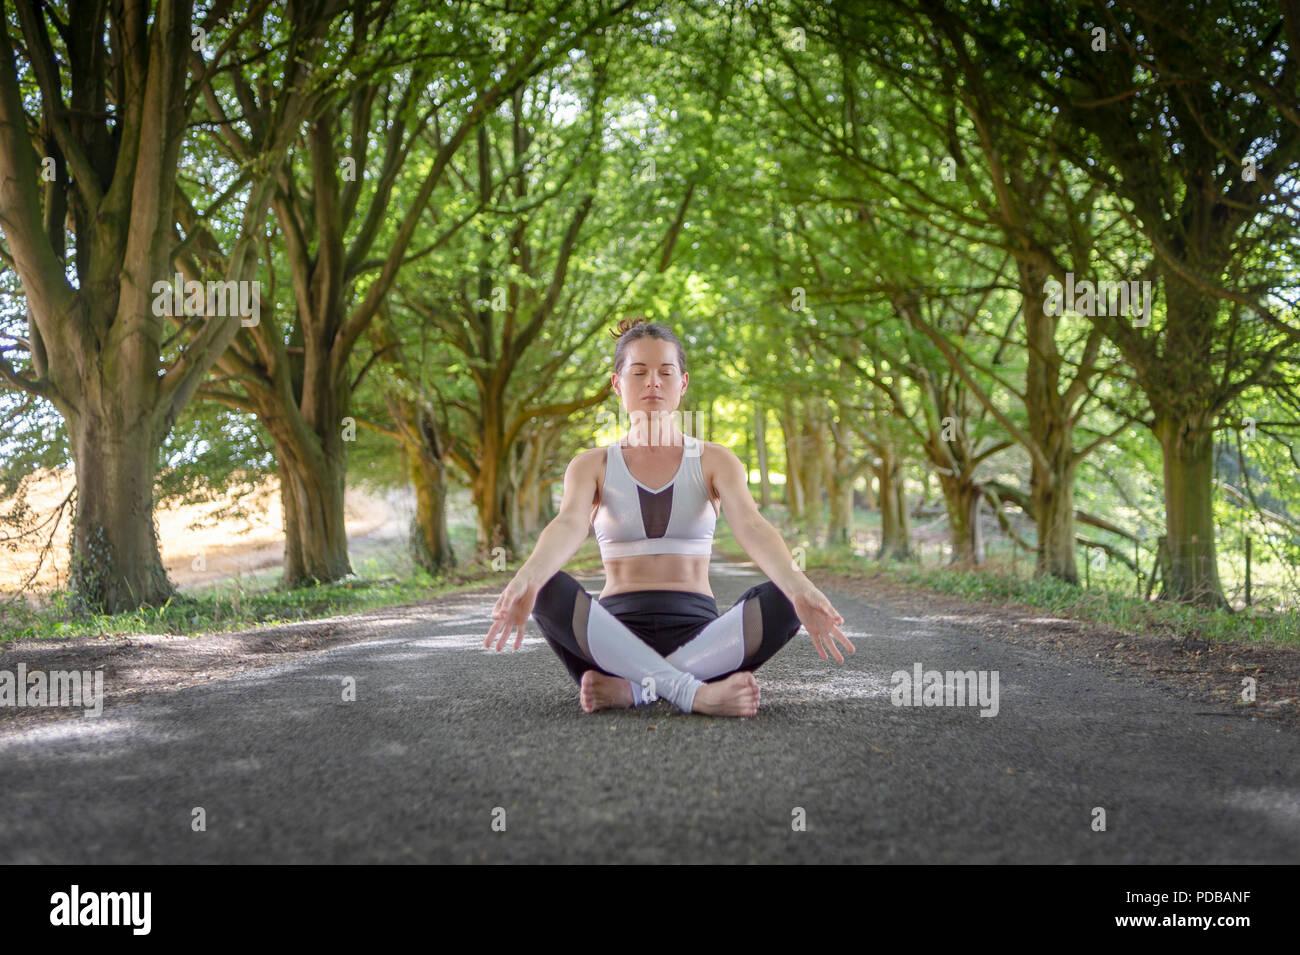 Femme assise méditant à l'extérieur avec des arbres, Photo Stock